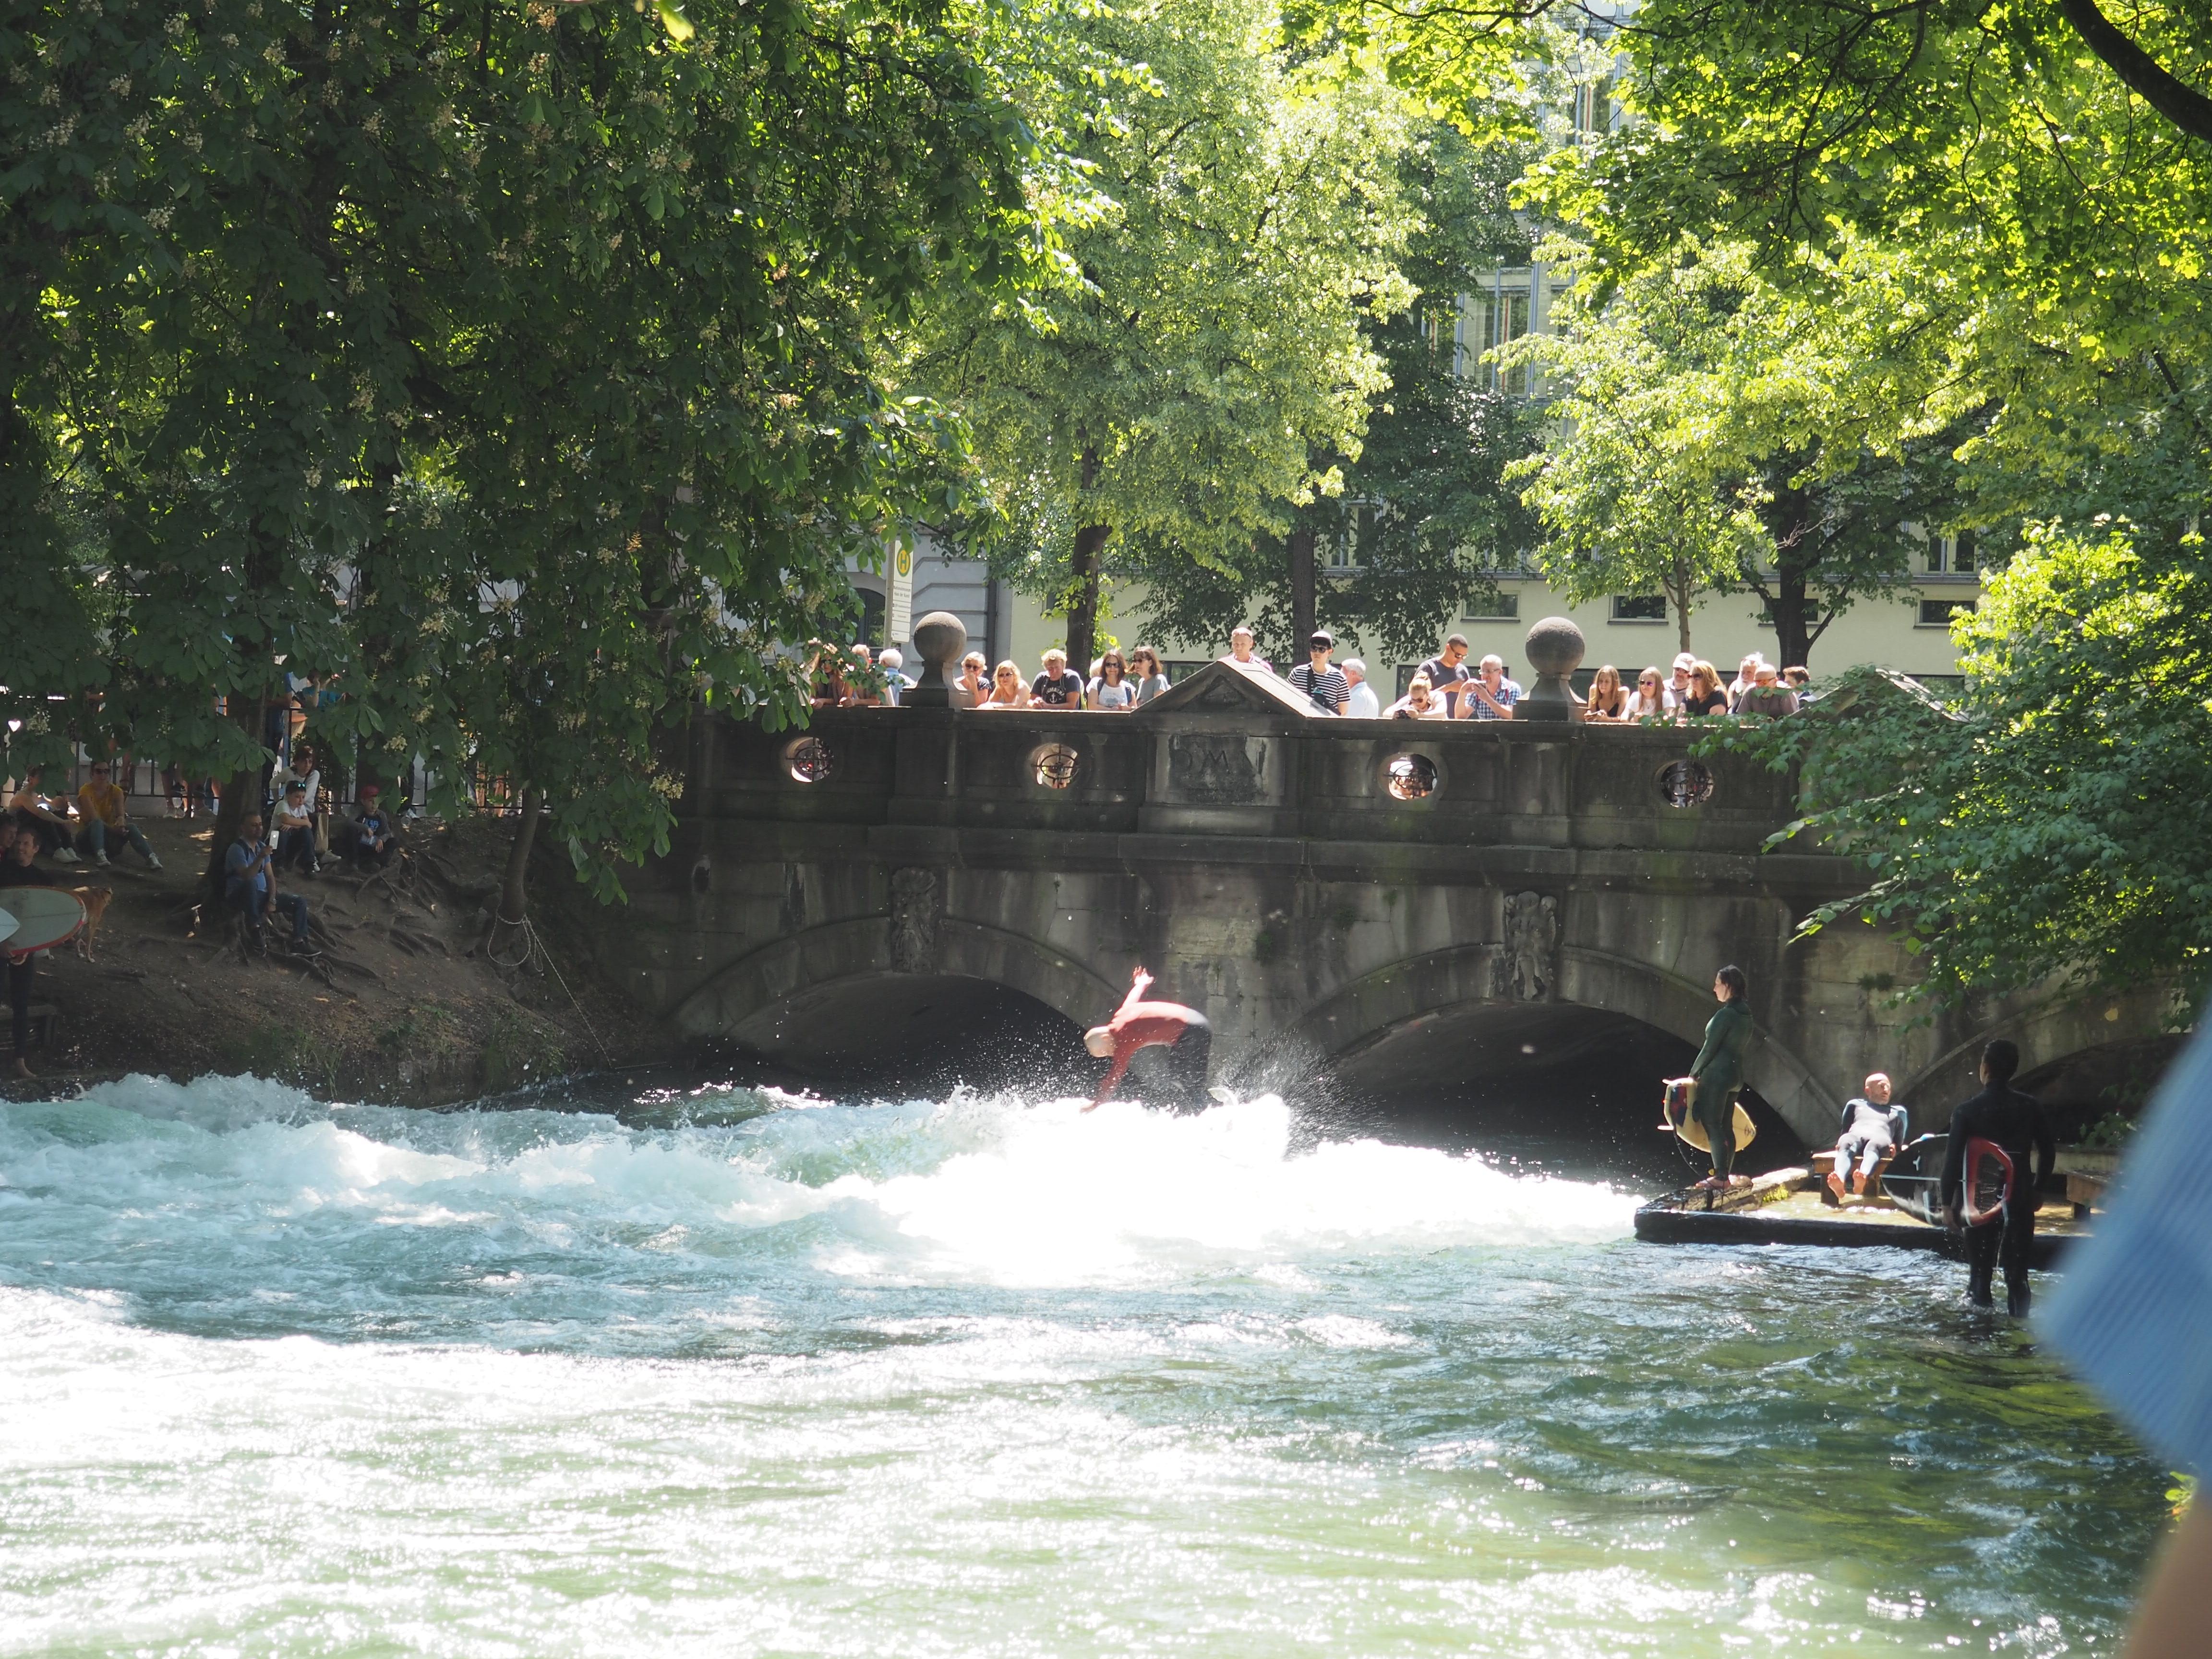 Wusstest du, dass man in München mitten in der Stadt Surfen kann?